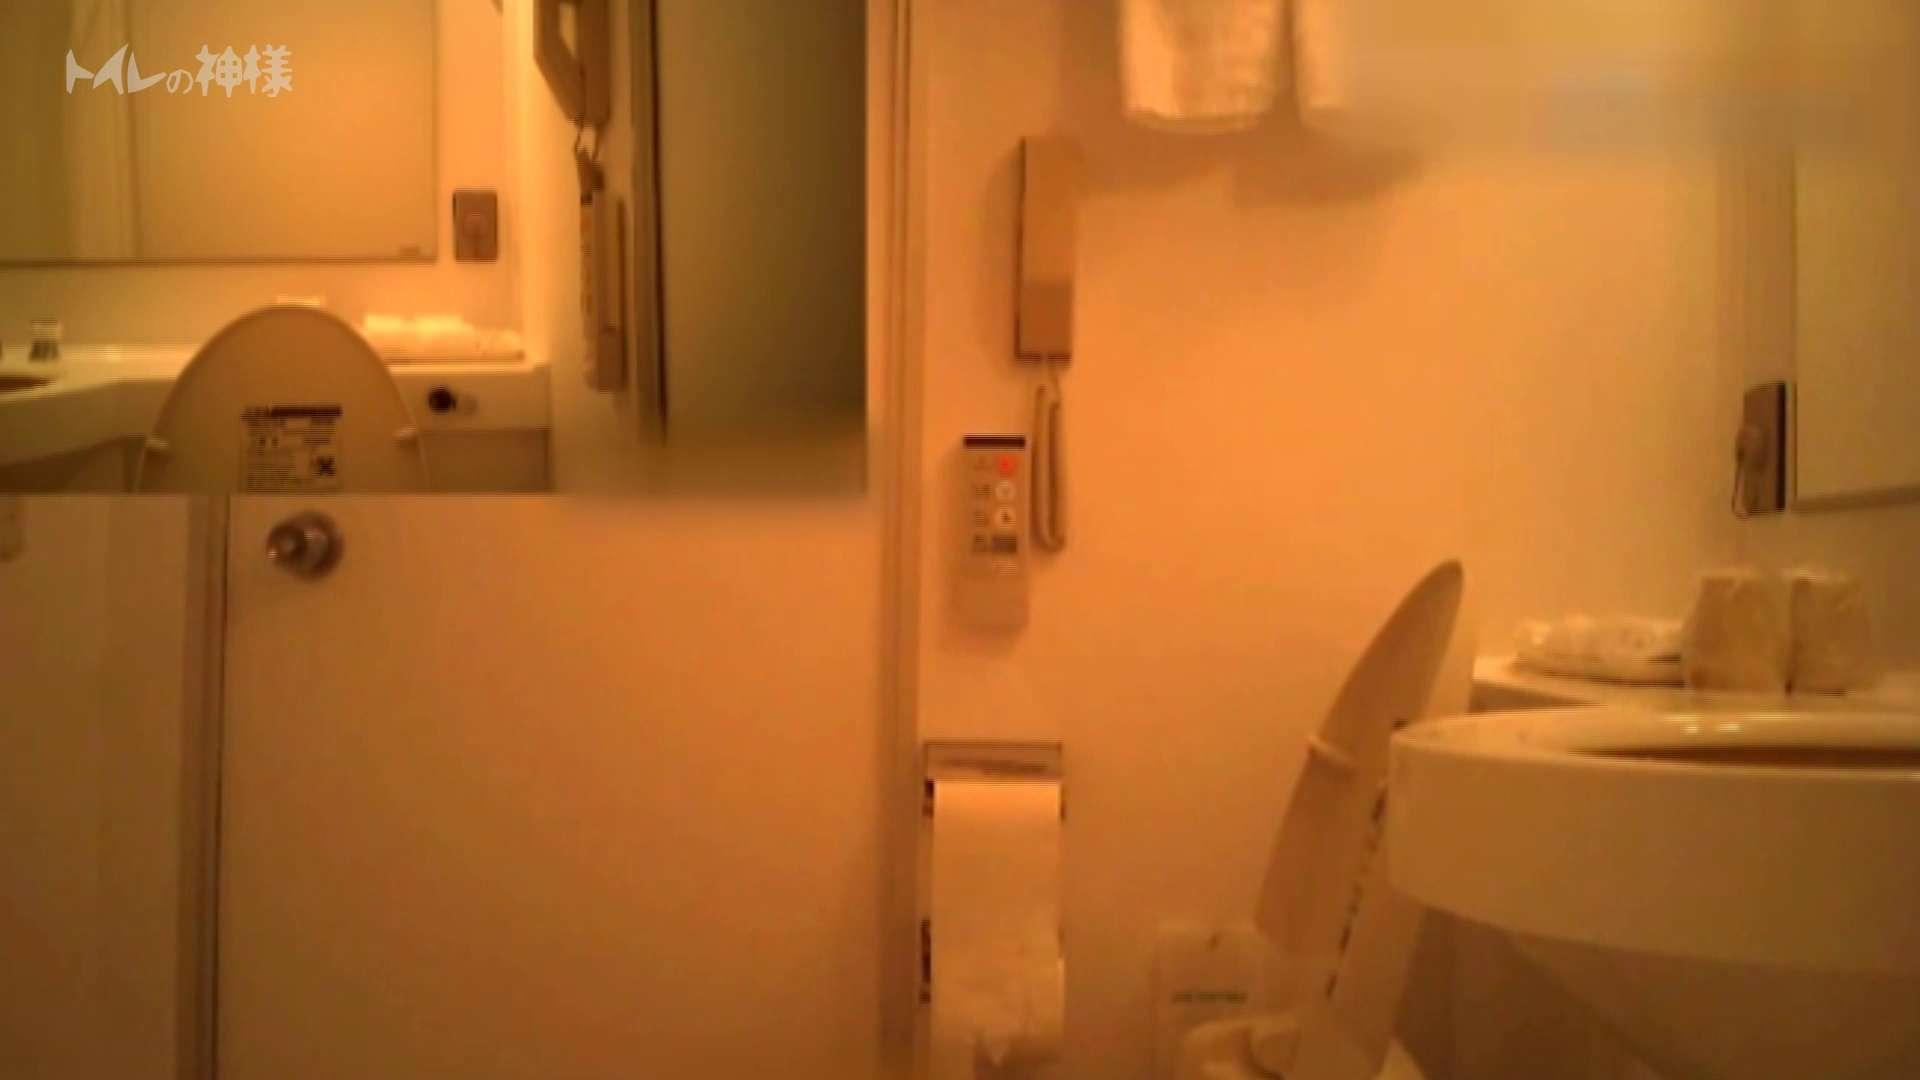 Vol.04 女子大生のトイレ恥態 トイレで・・・ ぱこり動画紹介 89画像 76